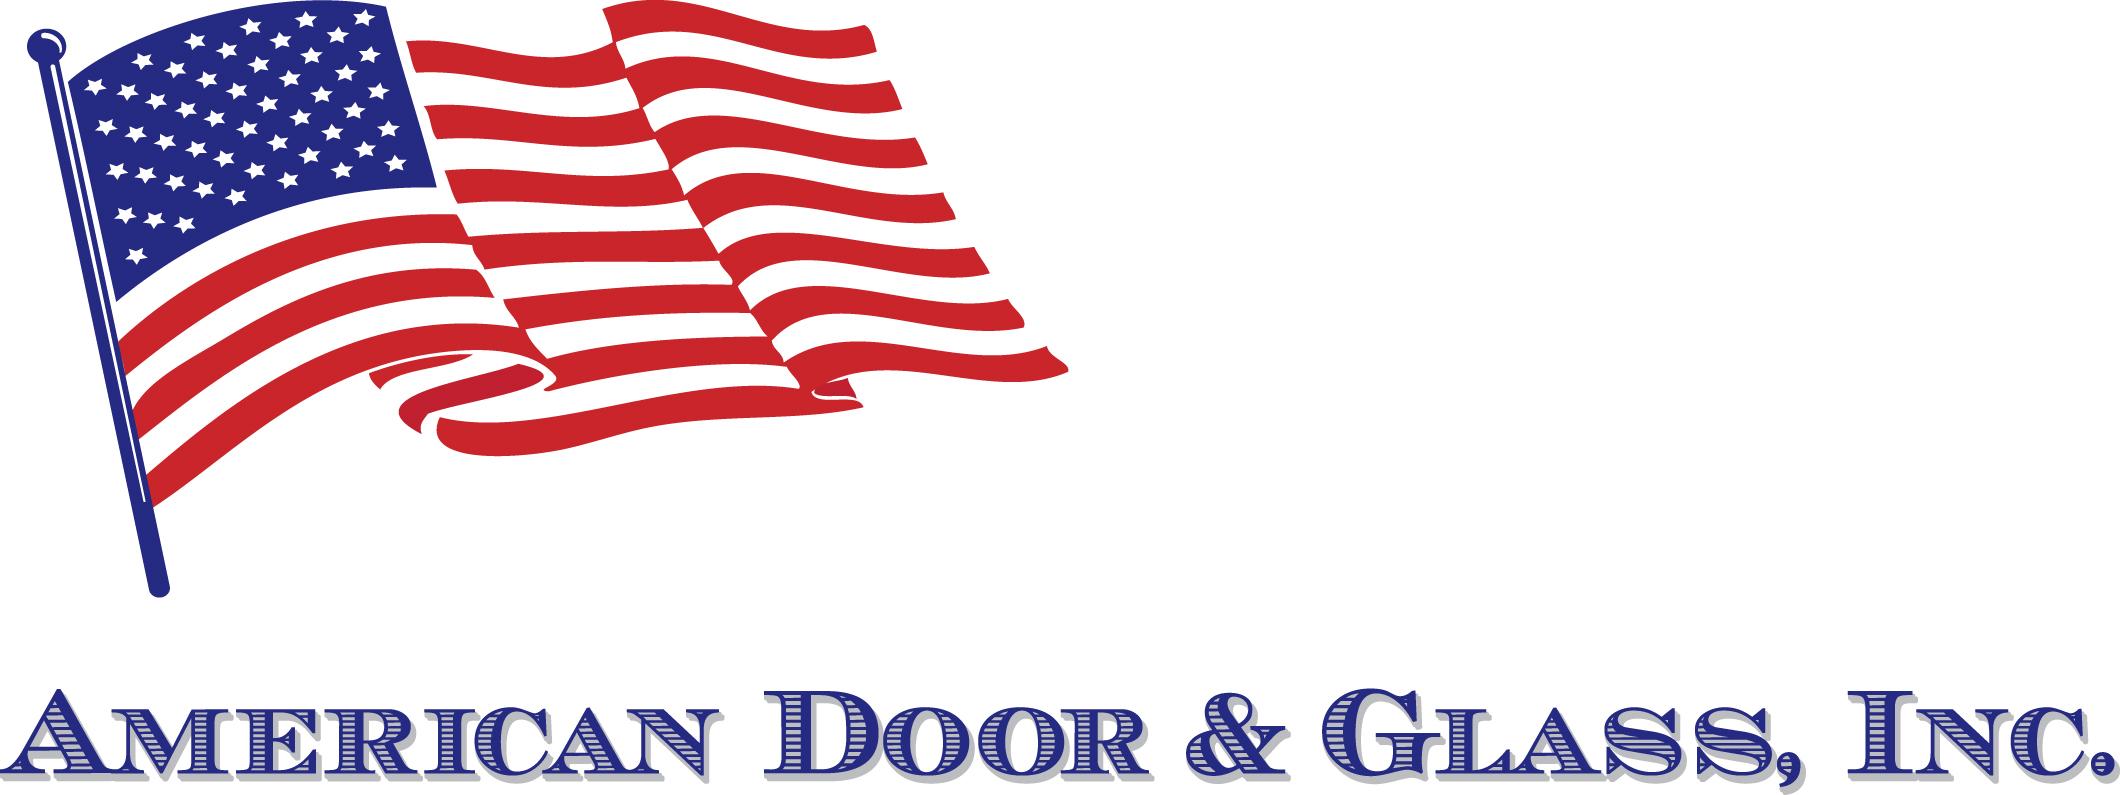 American Door & Glass